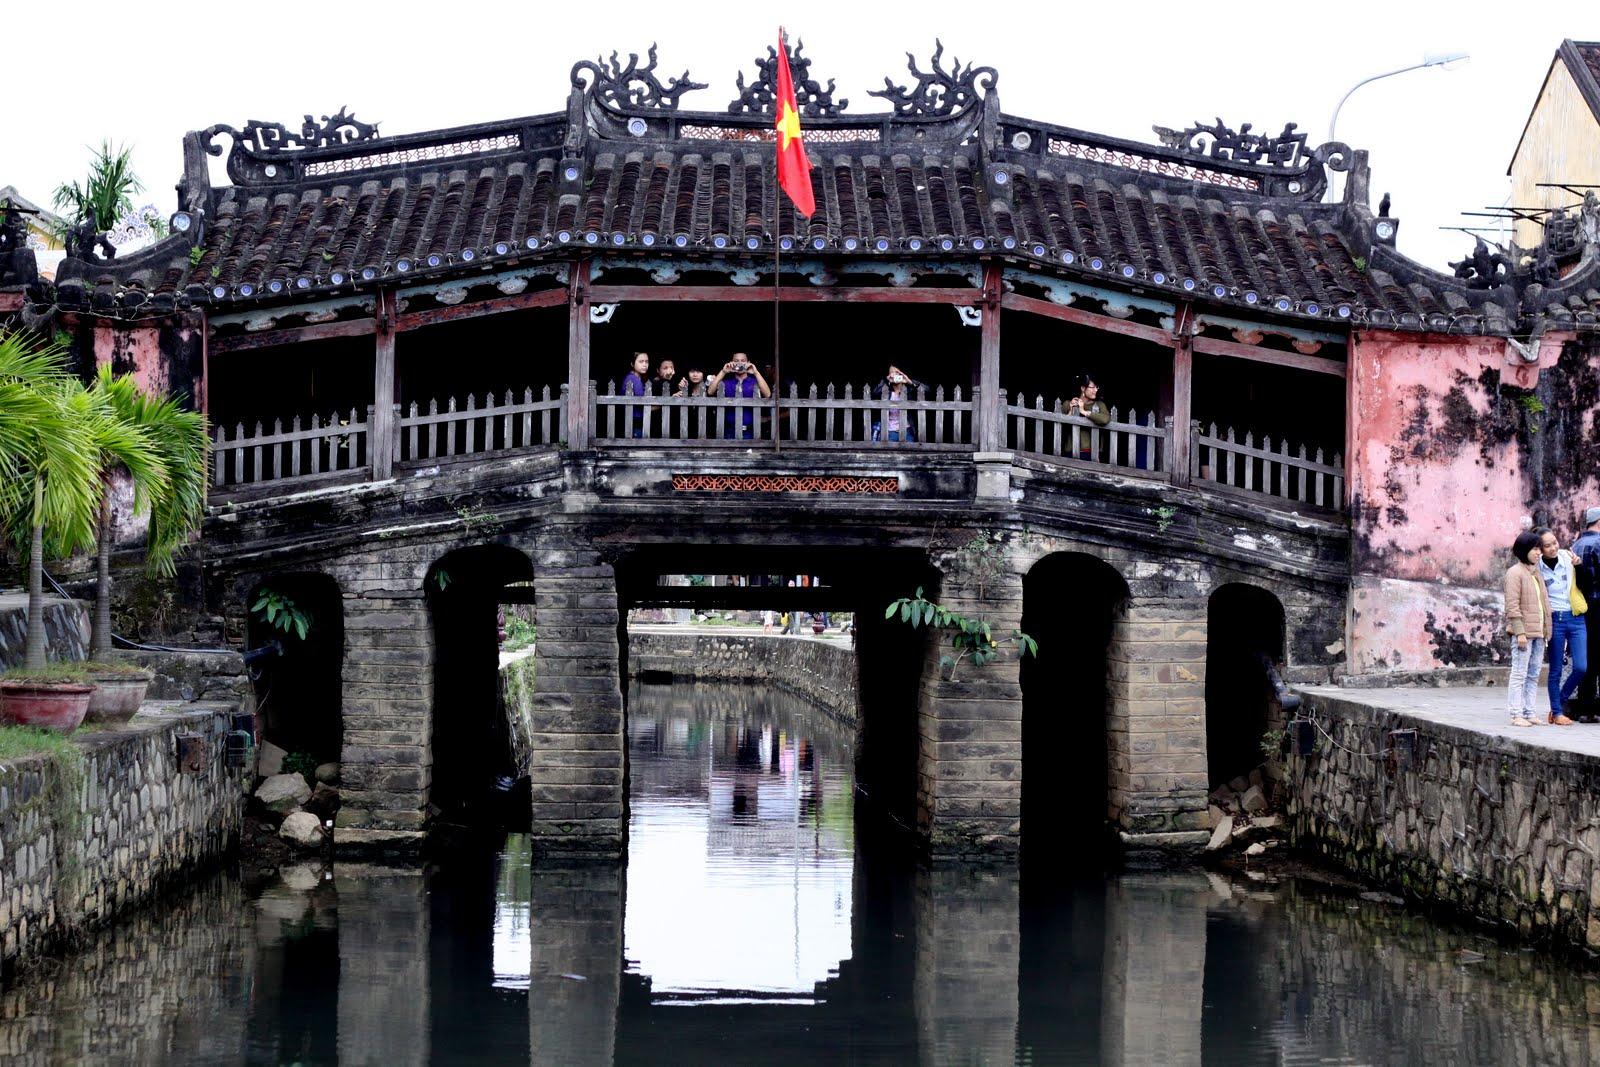 Tour Hà Nội- Đà Nẵng- Bà Nà Hill- Hội An- Hà Nội